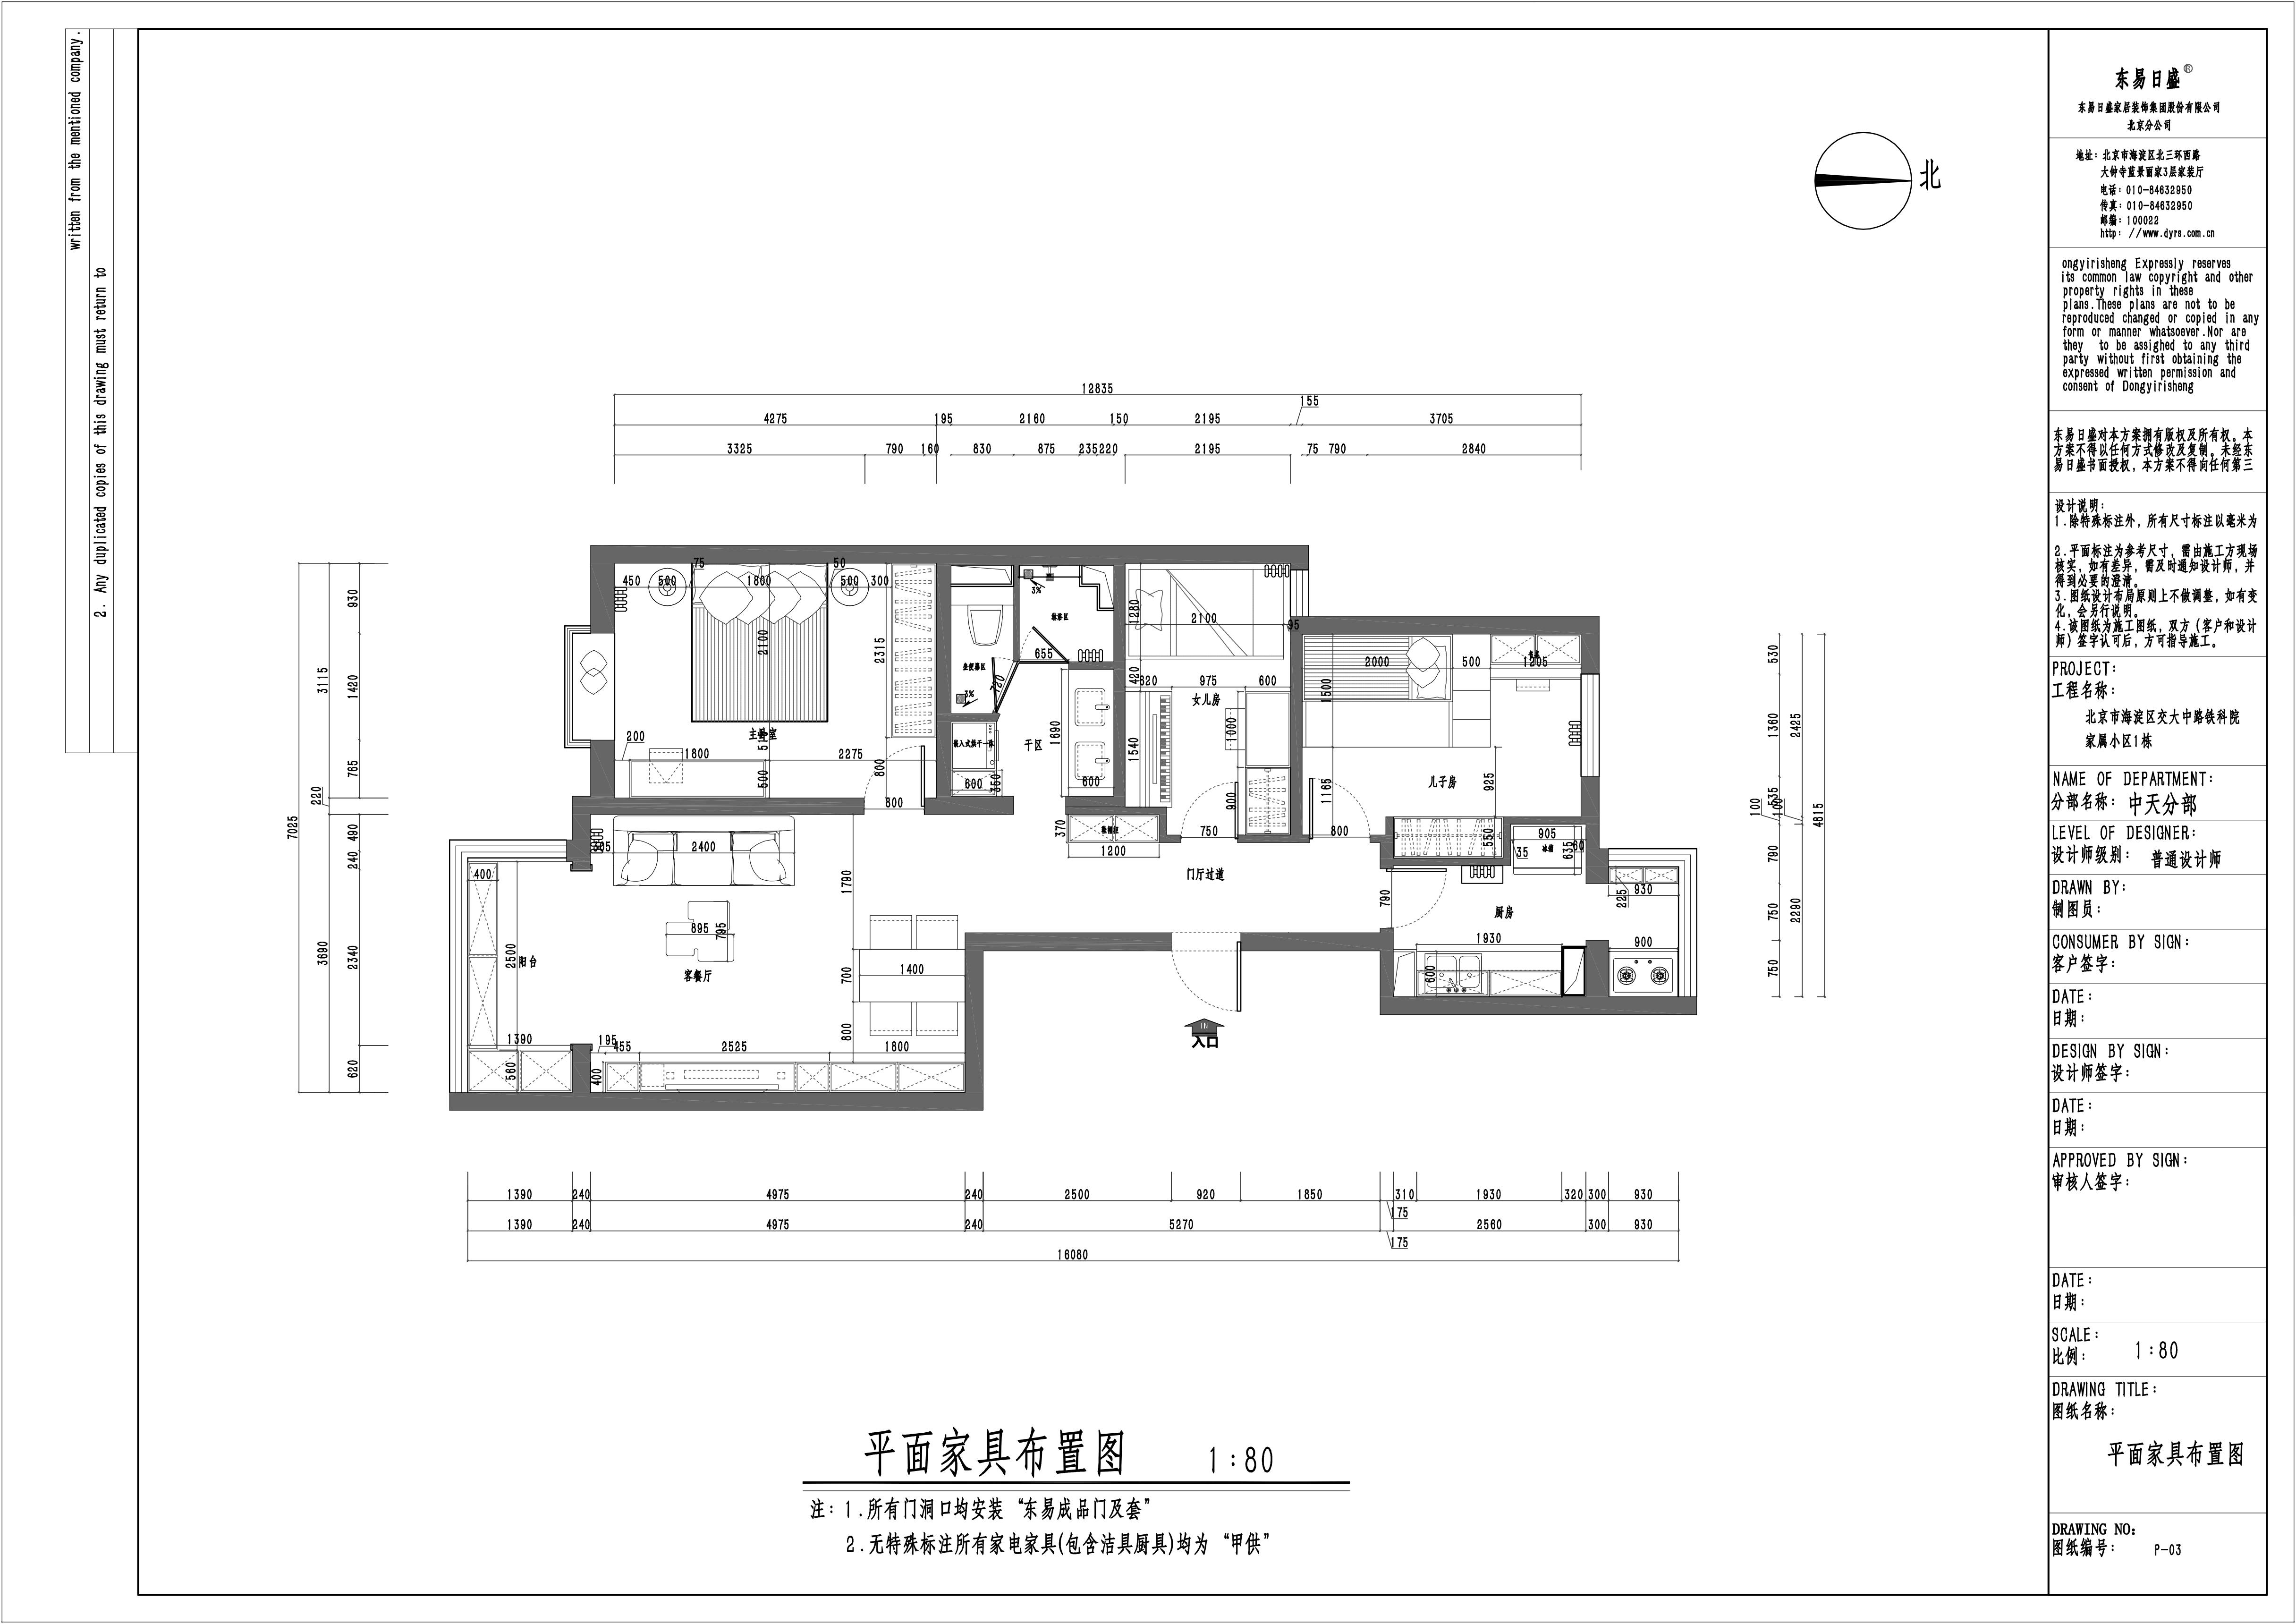 交众家属院-110m/2-现代性状style-装潢成果图装潢策划愿景